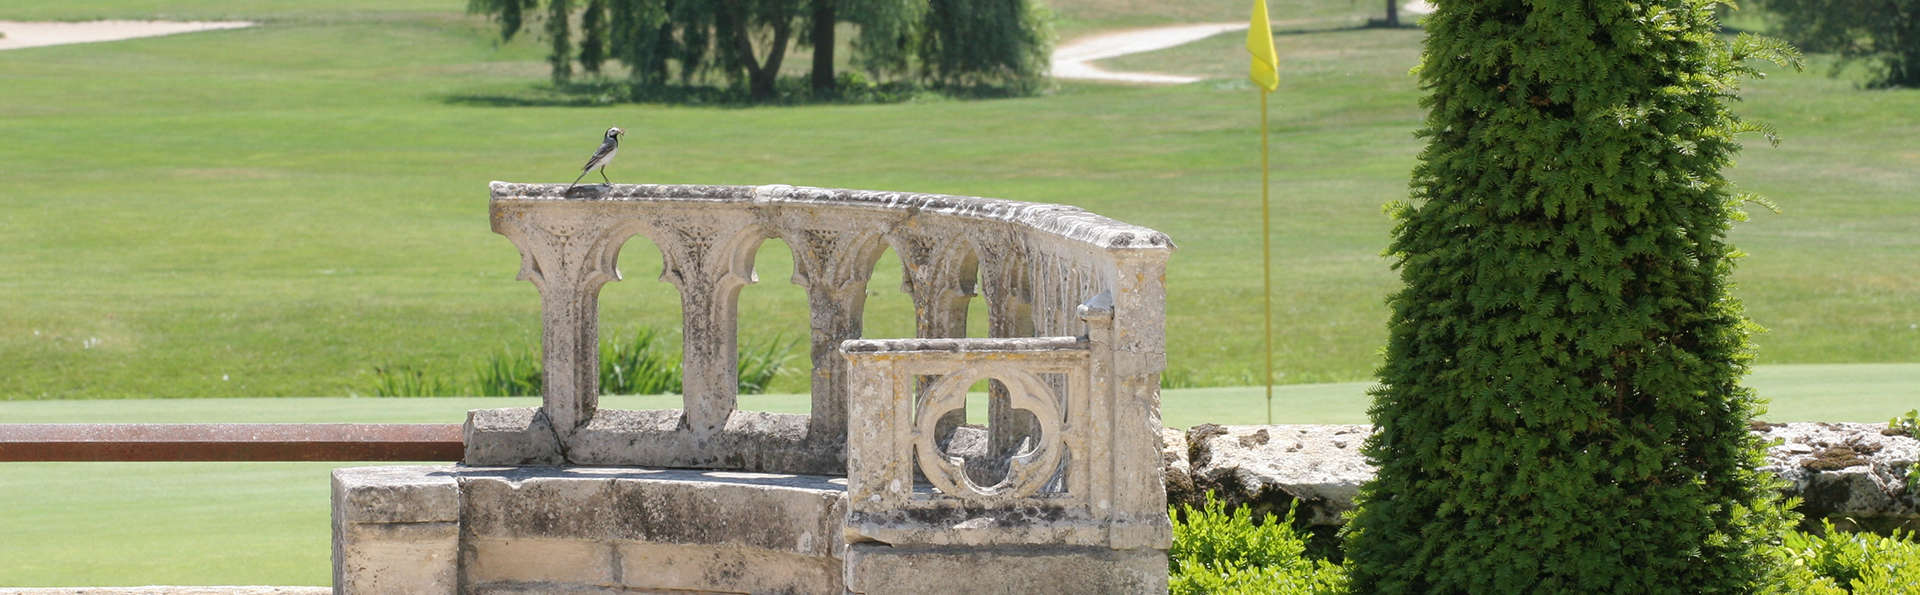 Château d'Augerville - edit_golf_ruine.jpg